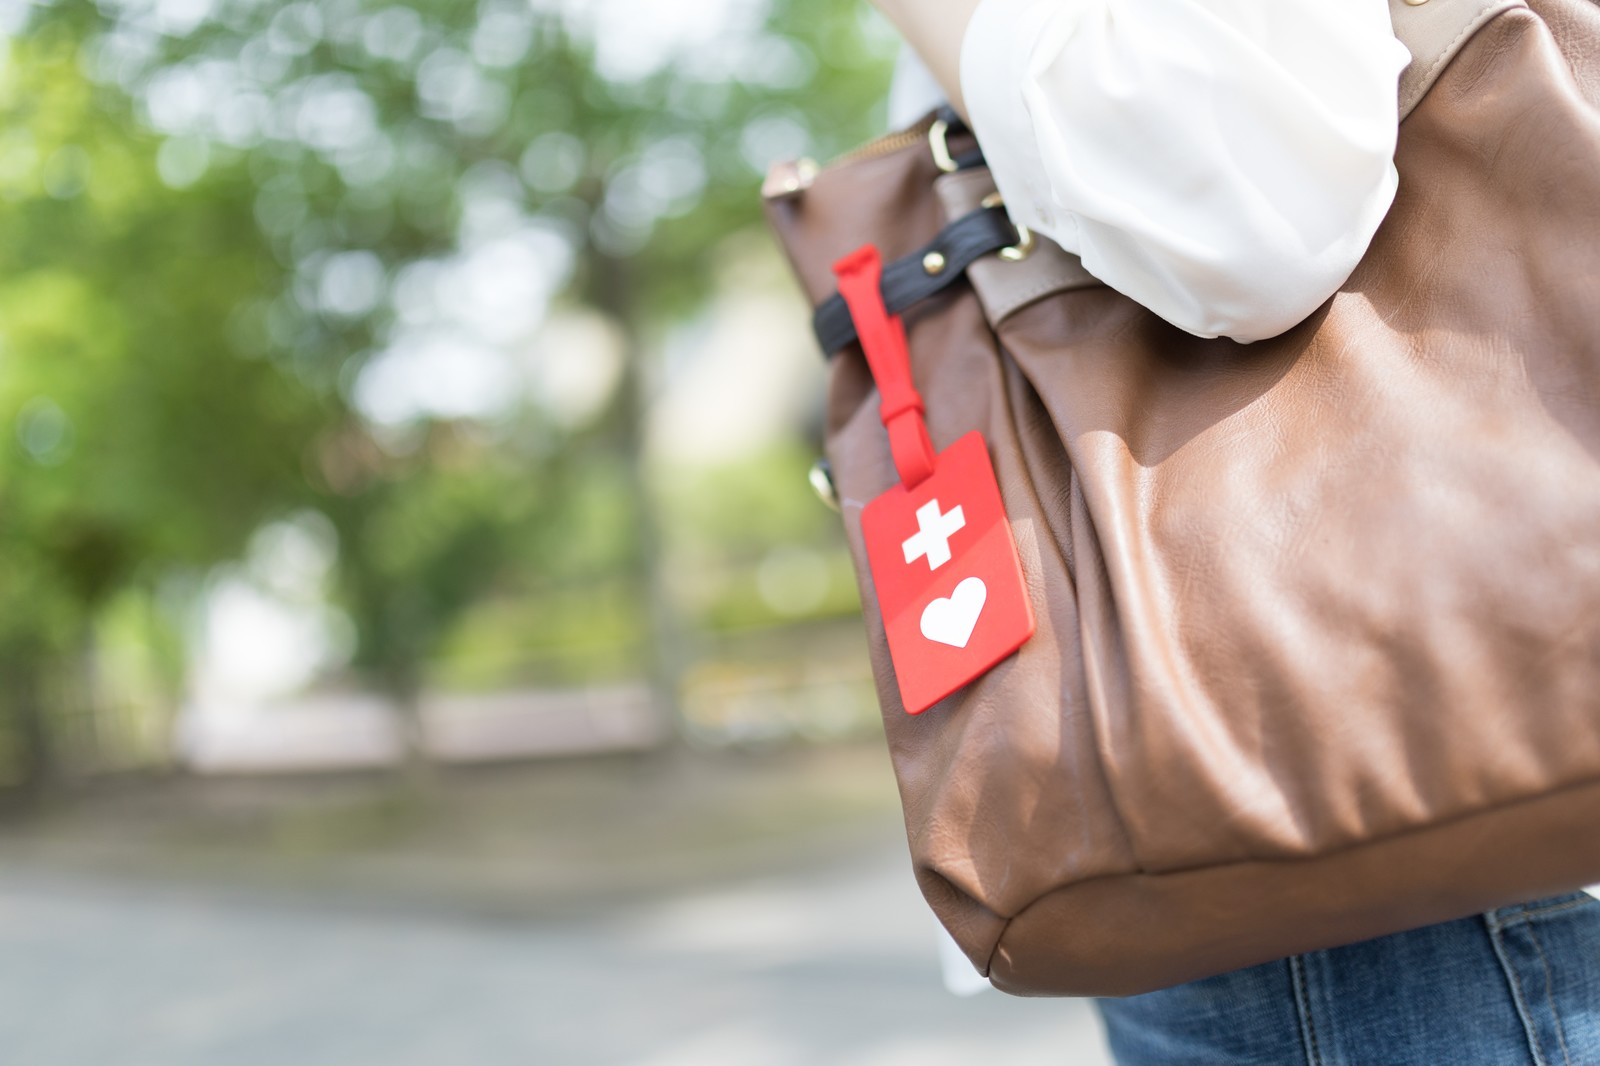 「十字とハートが付いた赤いマークの「ヘルプマーク」」の写真[モデル:土本寛子]